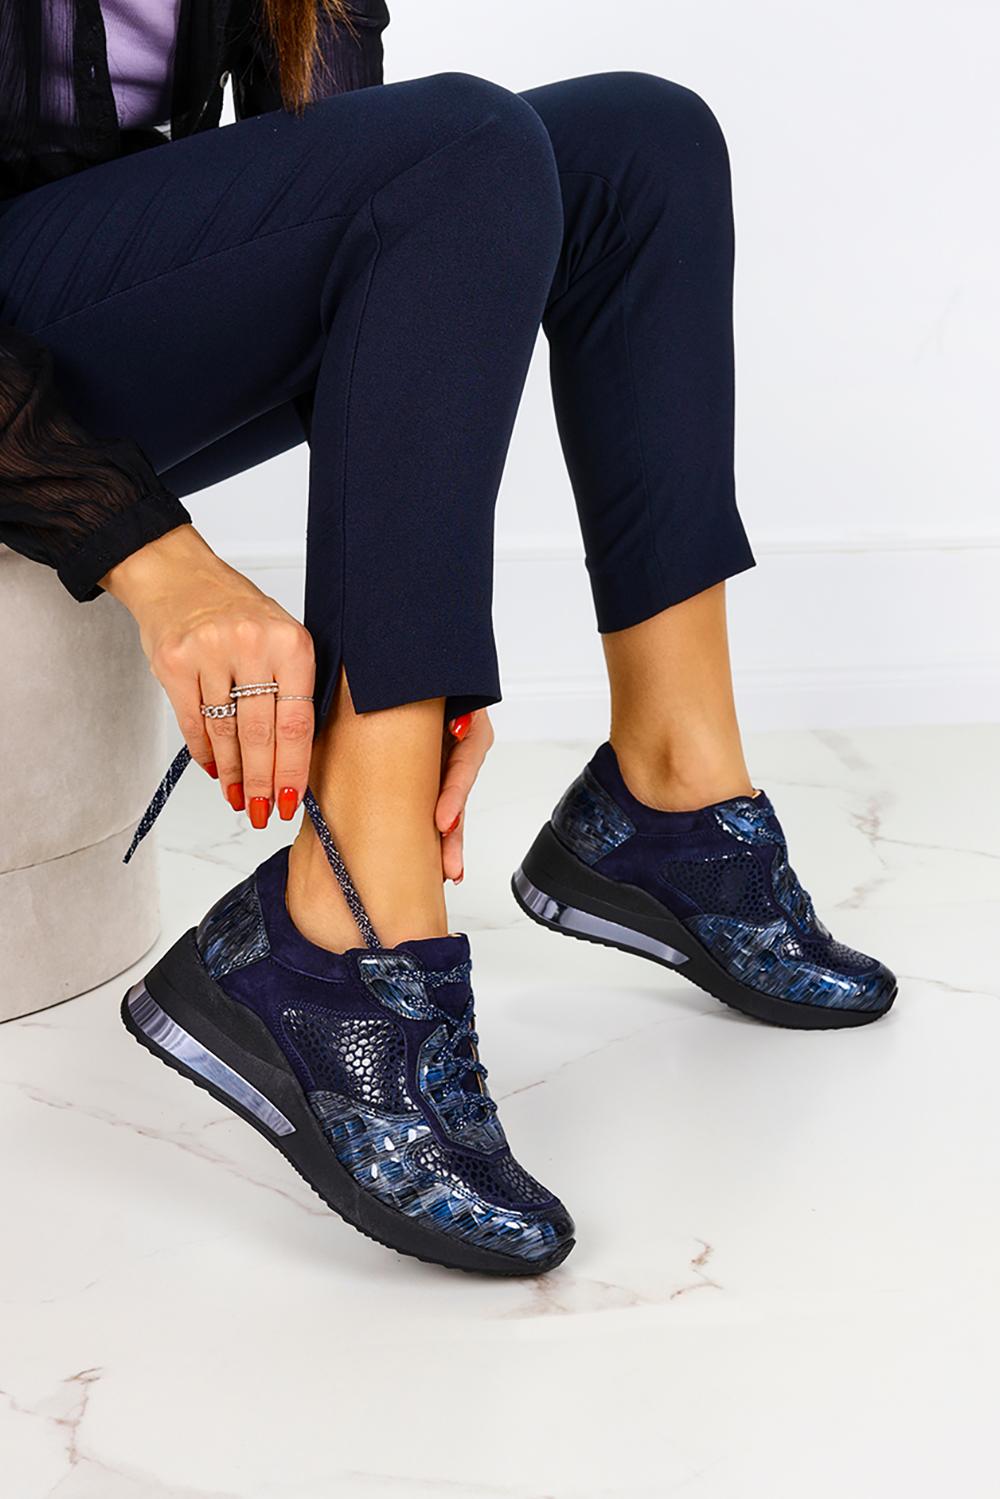 Niebieskie sneakersy na koturnie buty sportowe sznurowane polska skóra Casu 07961/1911/380/1946/00 ciemny niebieski